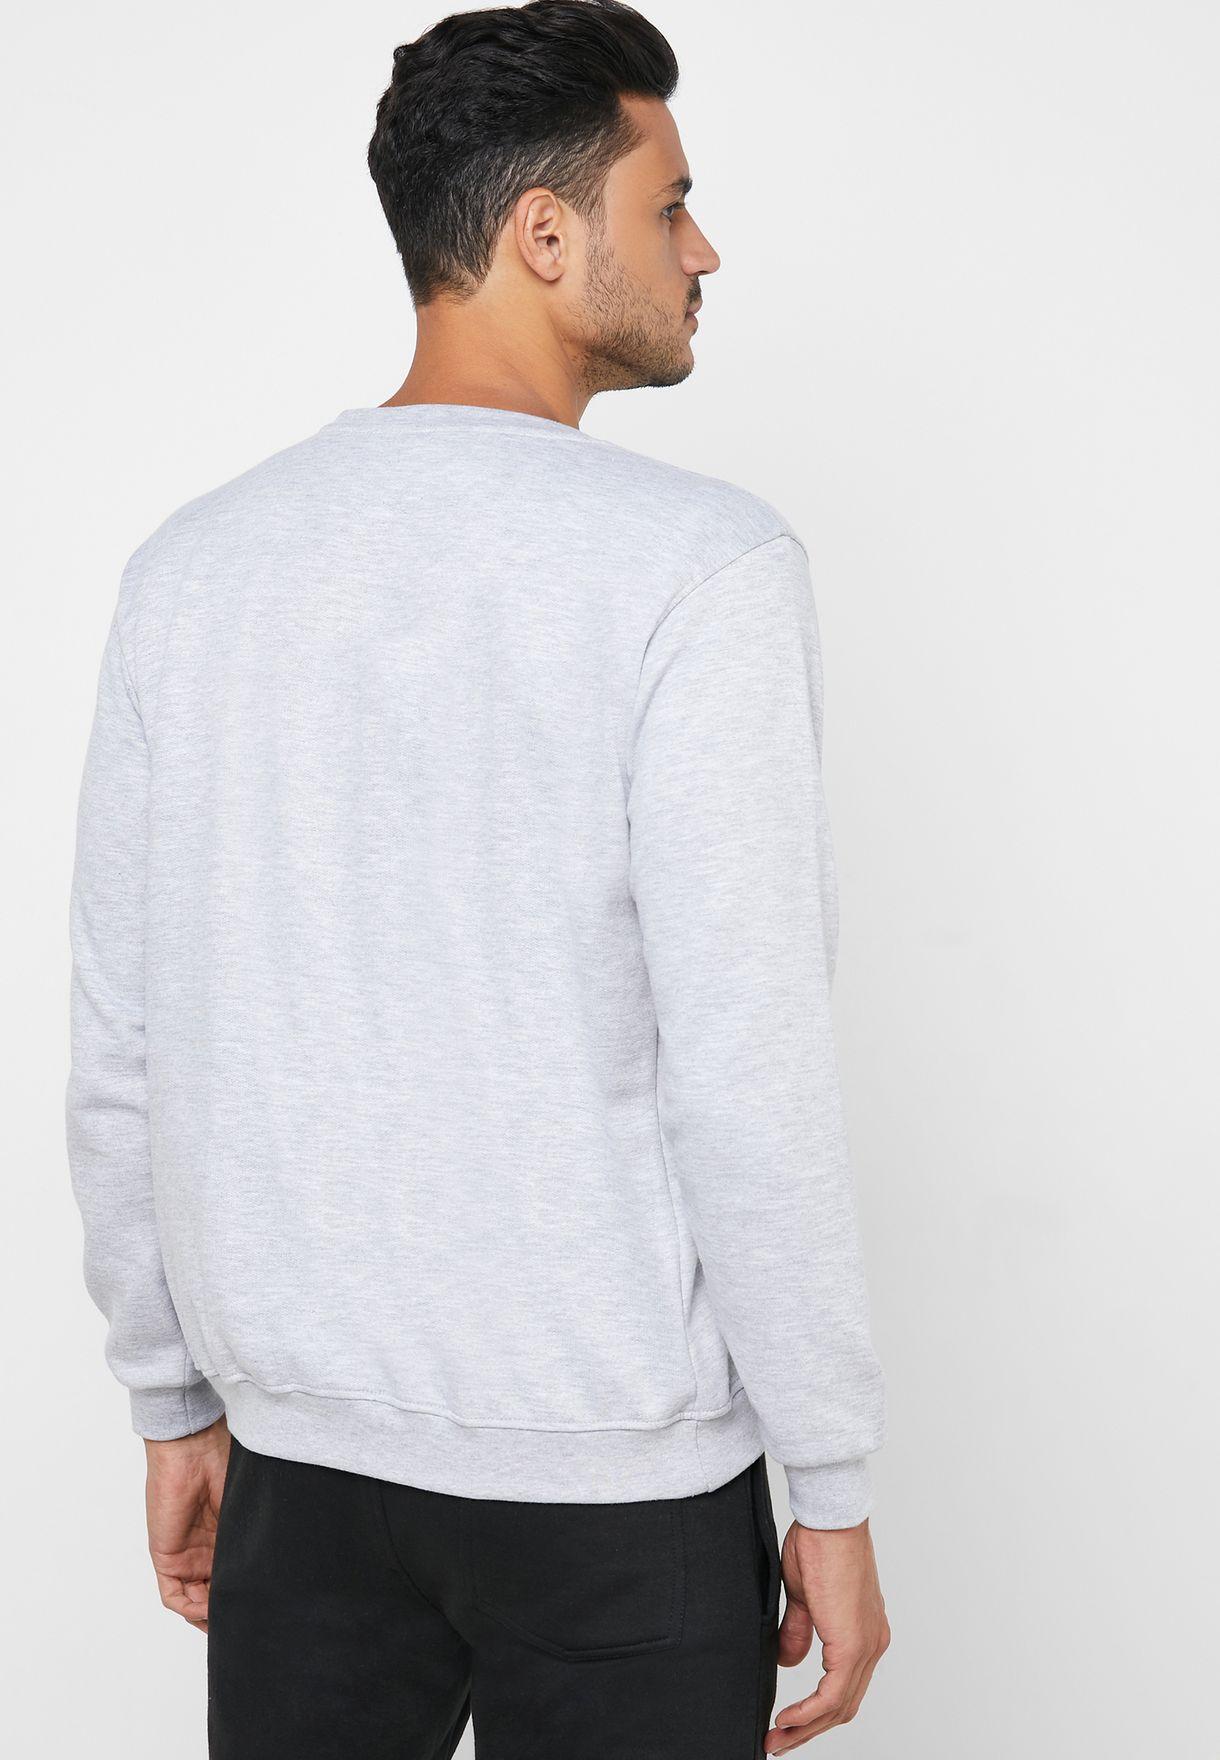 Bronx 98 Sweatshirt